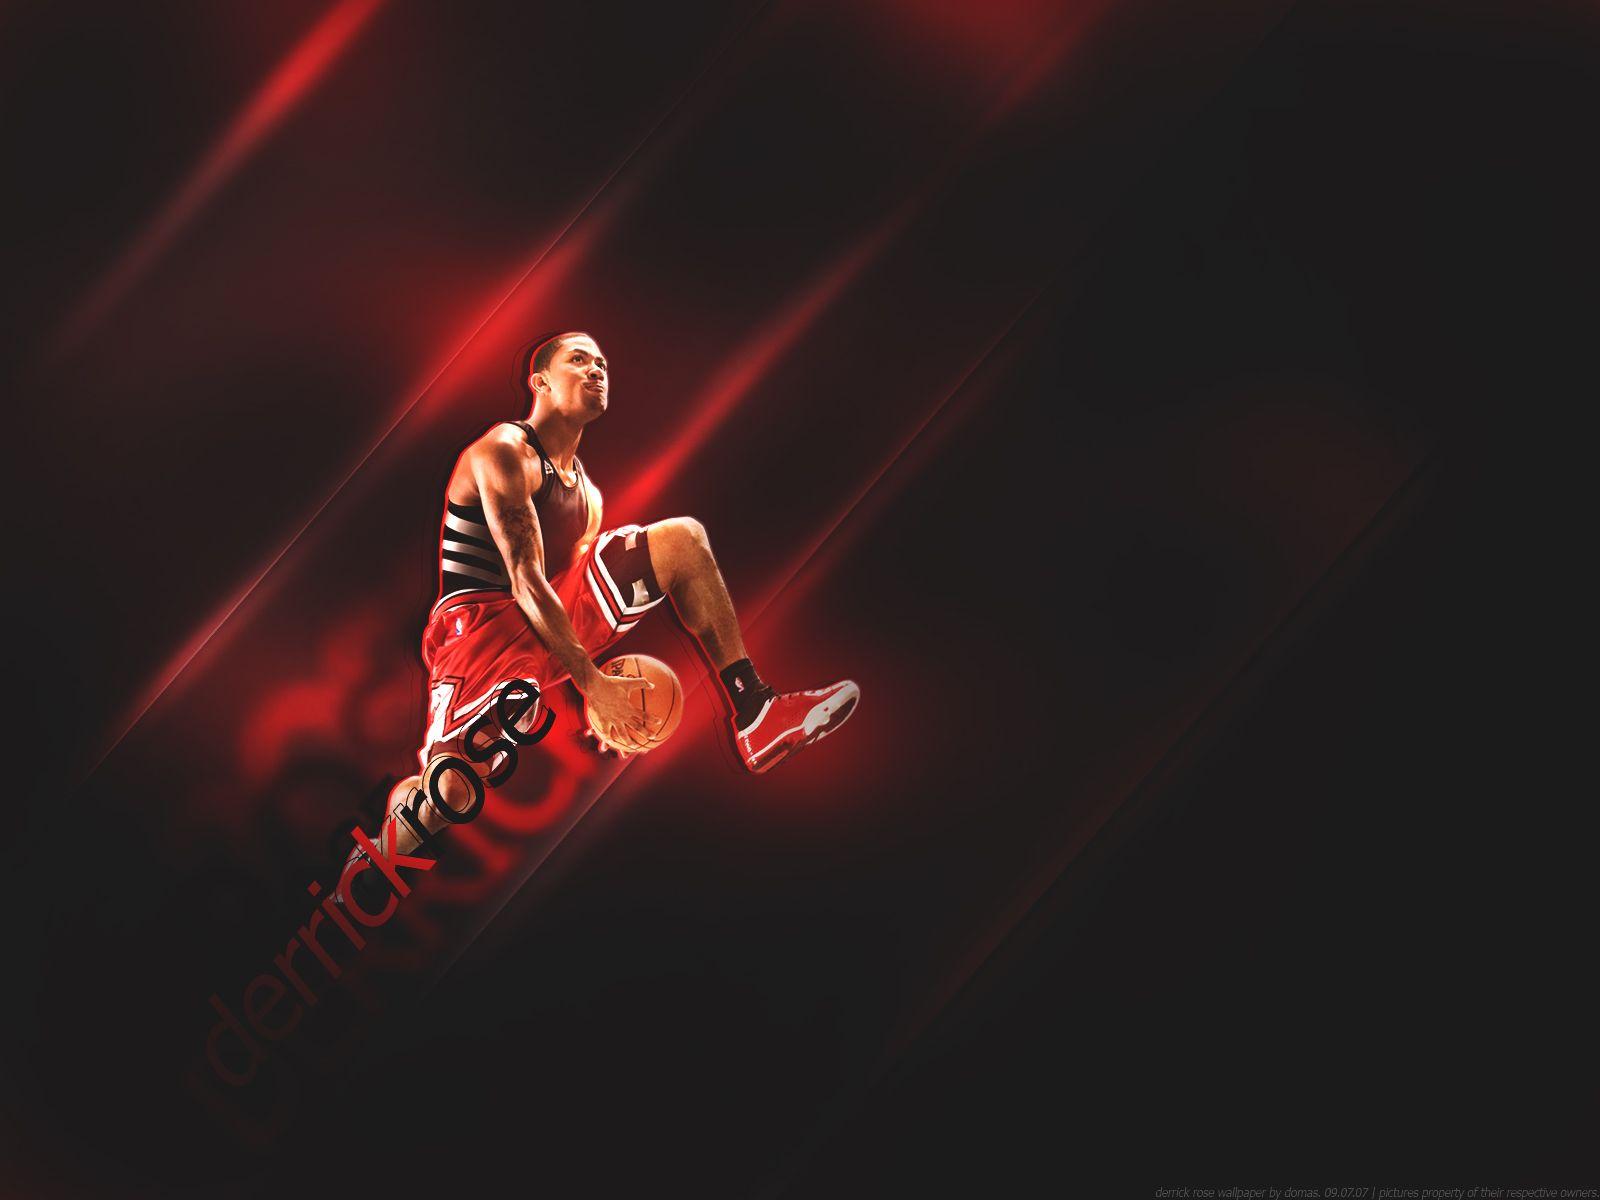 The Ultimate Derrick Rose Wallpaper NBA Team Derrick